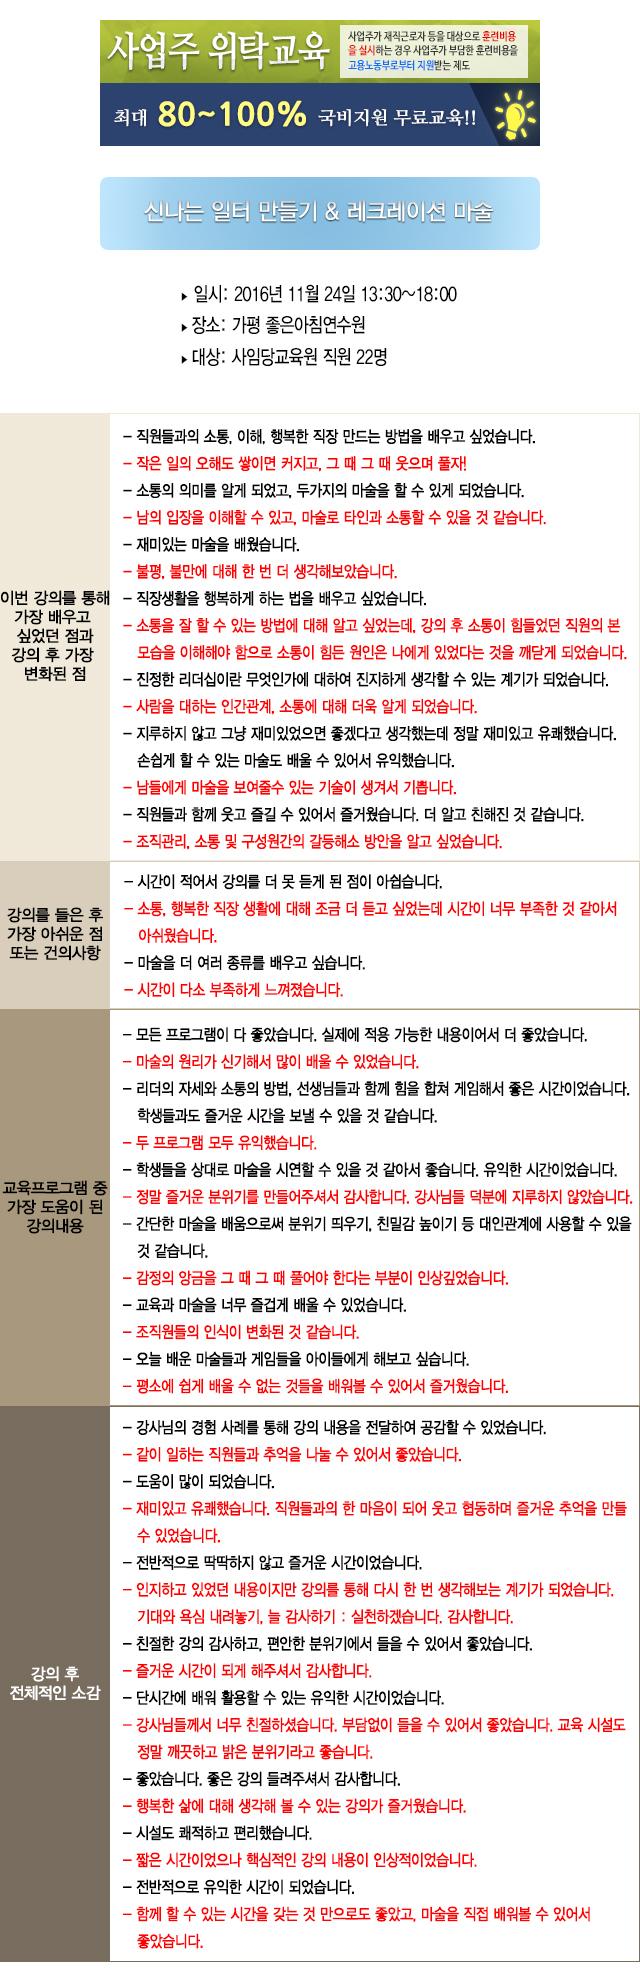 한국중앙인재개발원 후기 사임당교육원.jpg